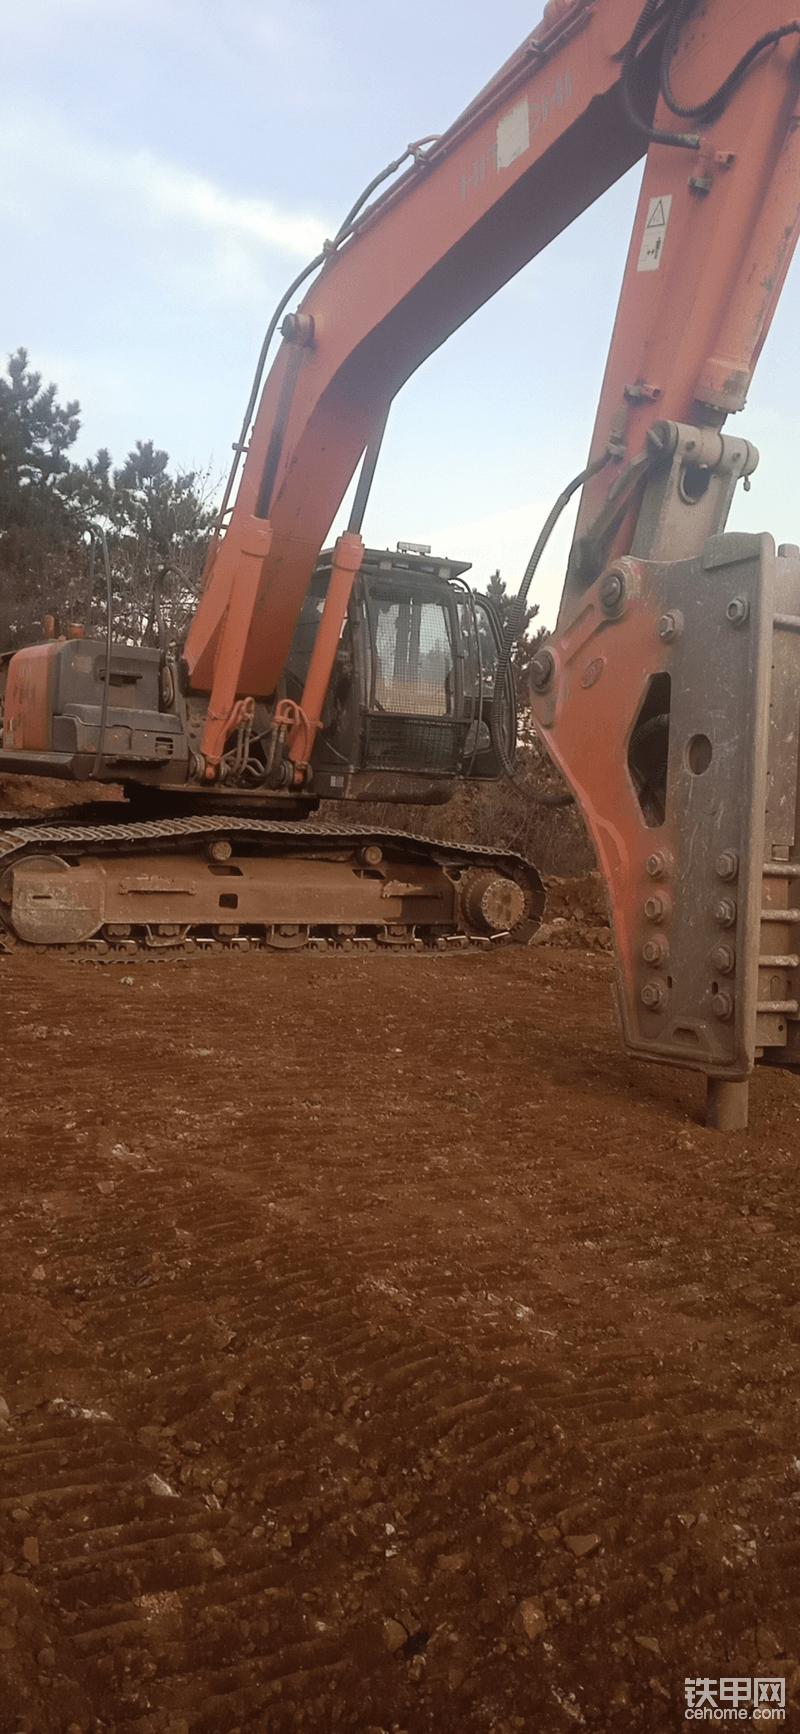 一年下来也用不了多少挖斗,几乎都是打破碎,艾迪175破碎锤+双泵合流。也是相当的完美的,在哪里干活也没掉过链子。